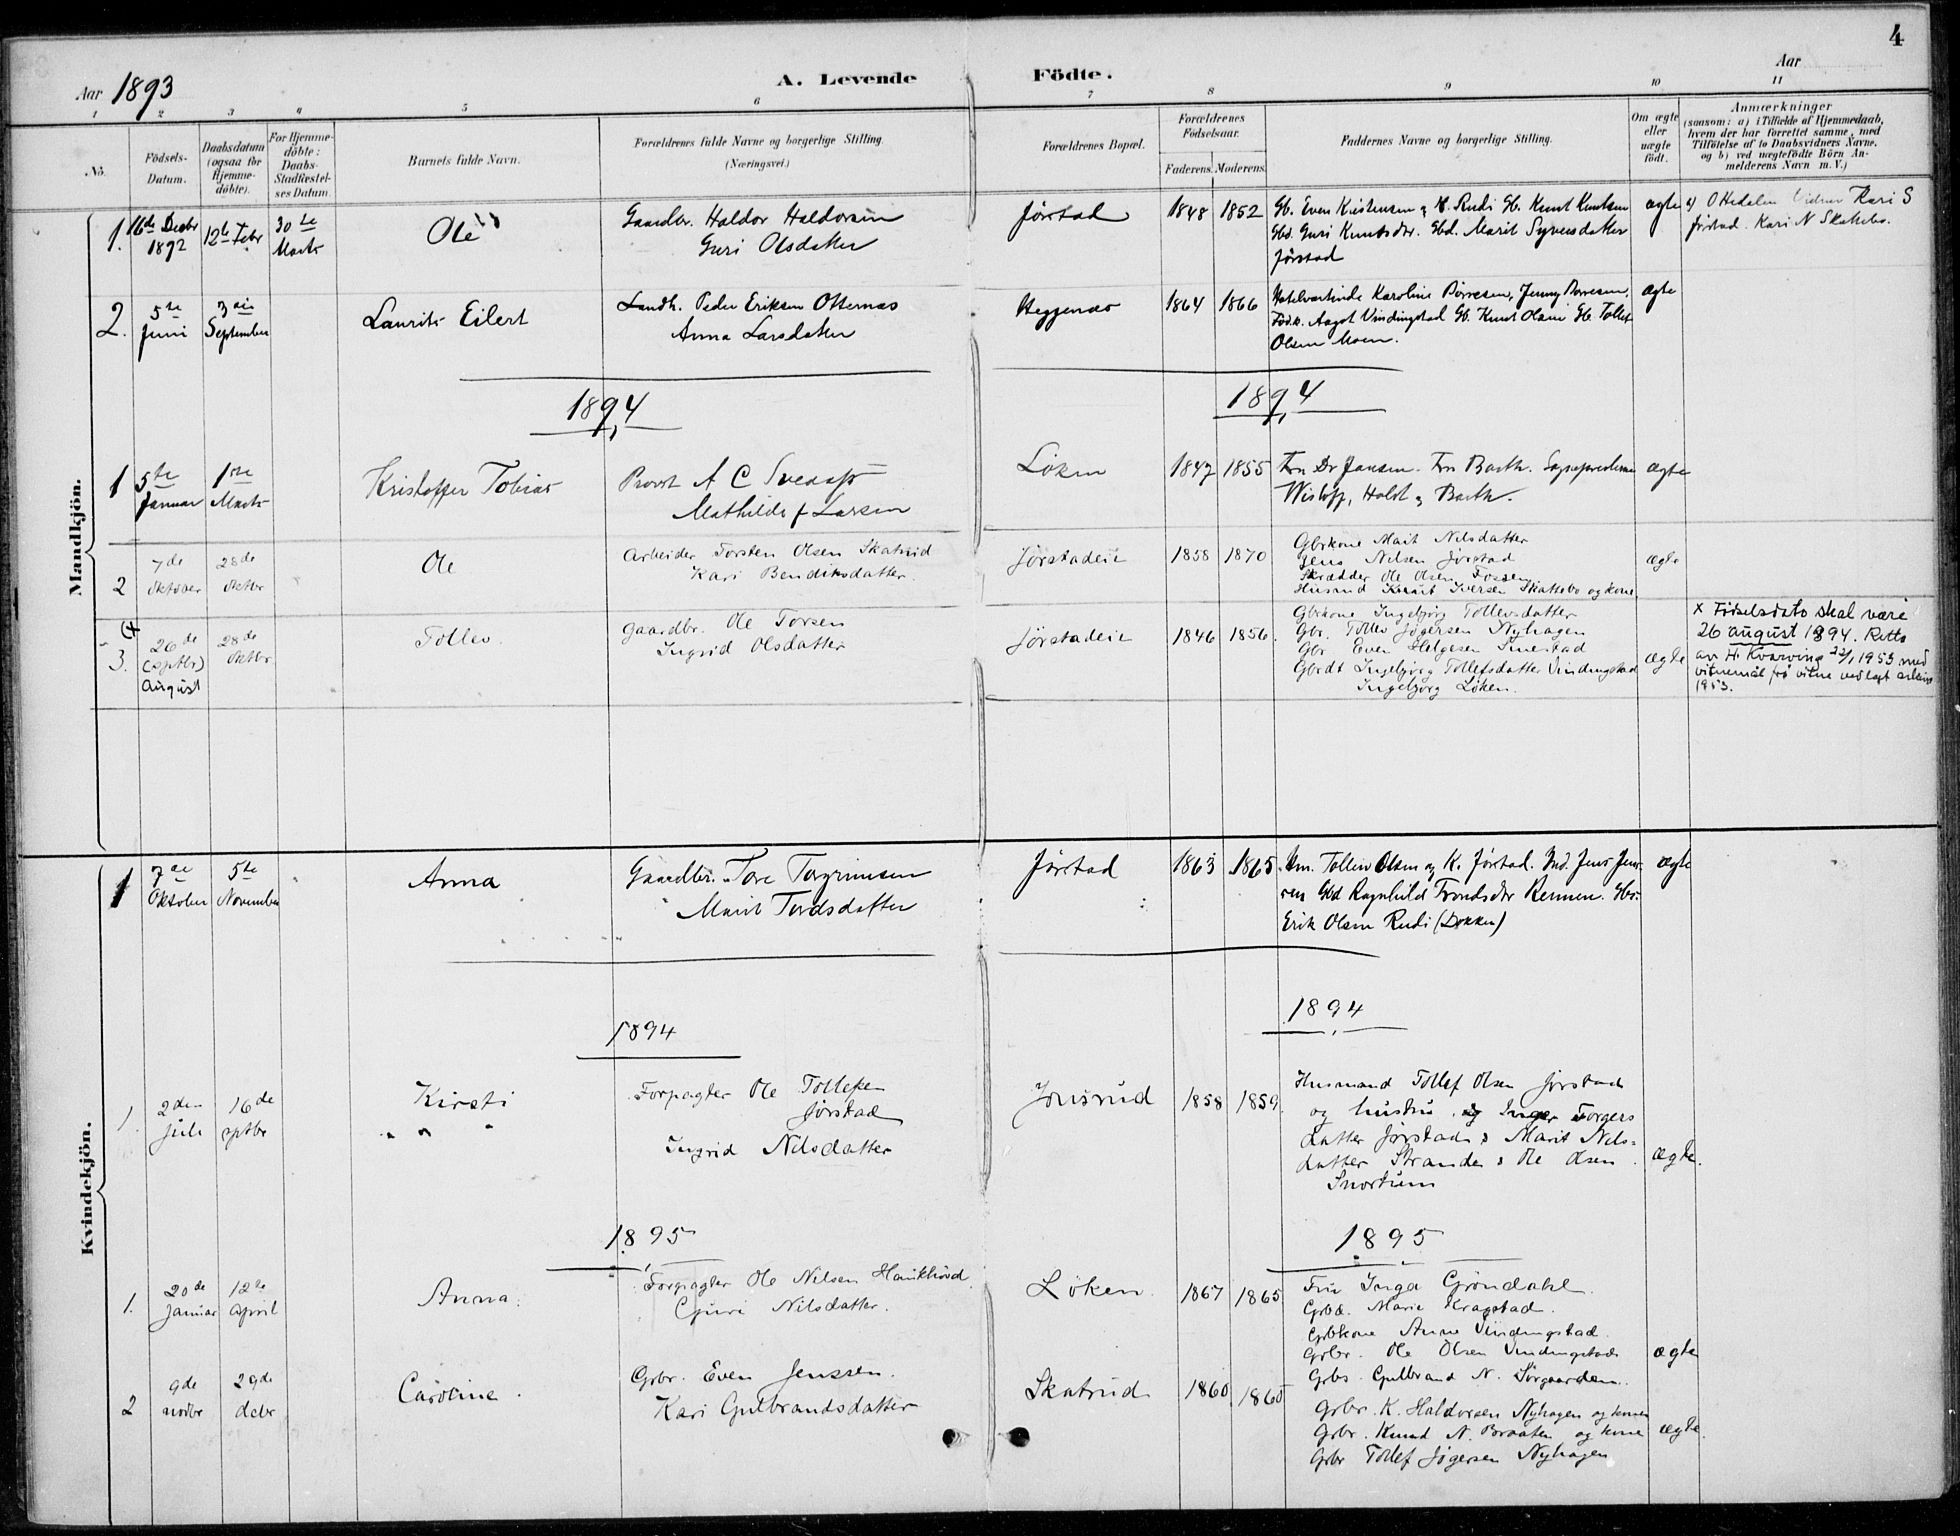 SAH, Øystre Slidre prestekontor, Ministerialbok nr. 5, 1887-1916, s. 4